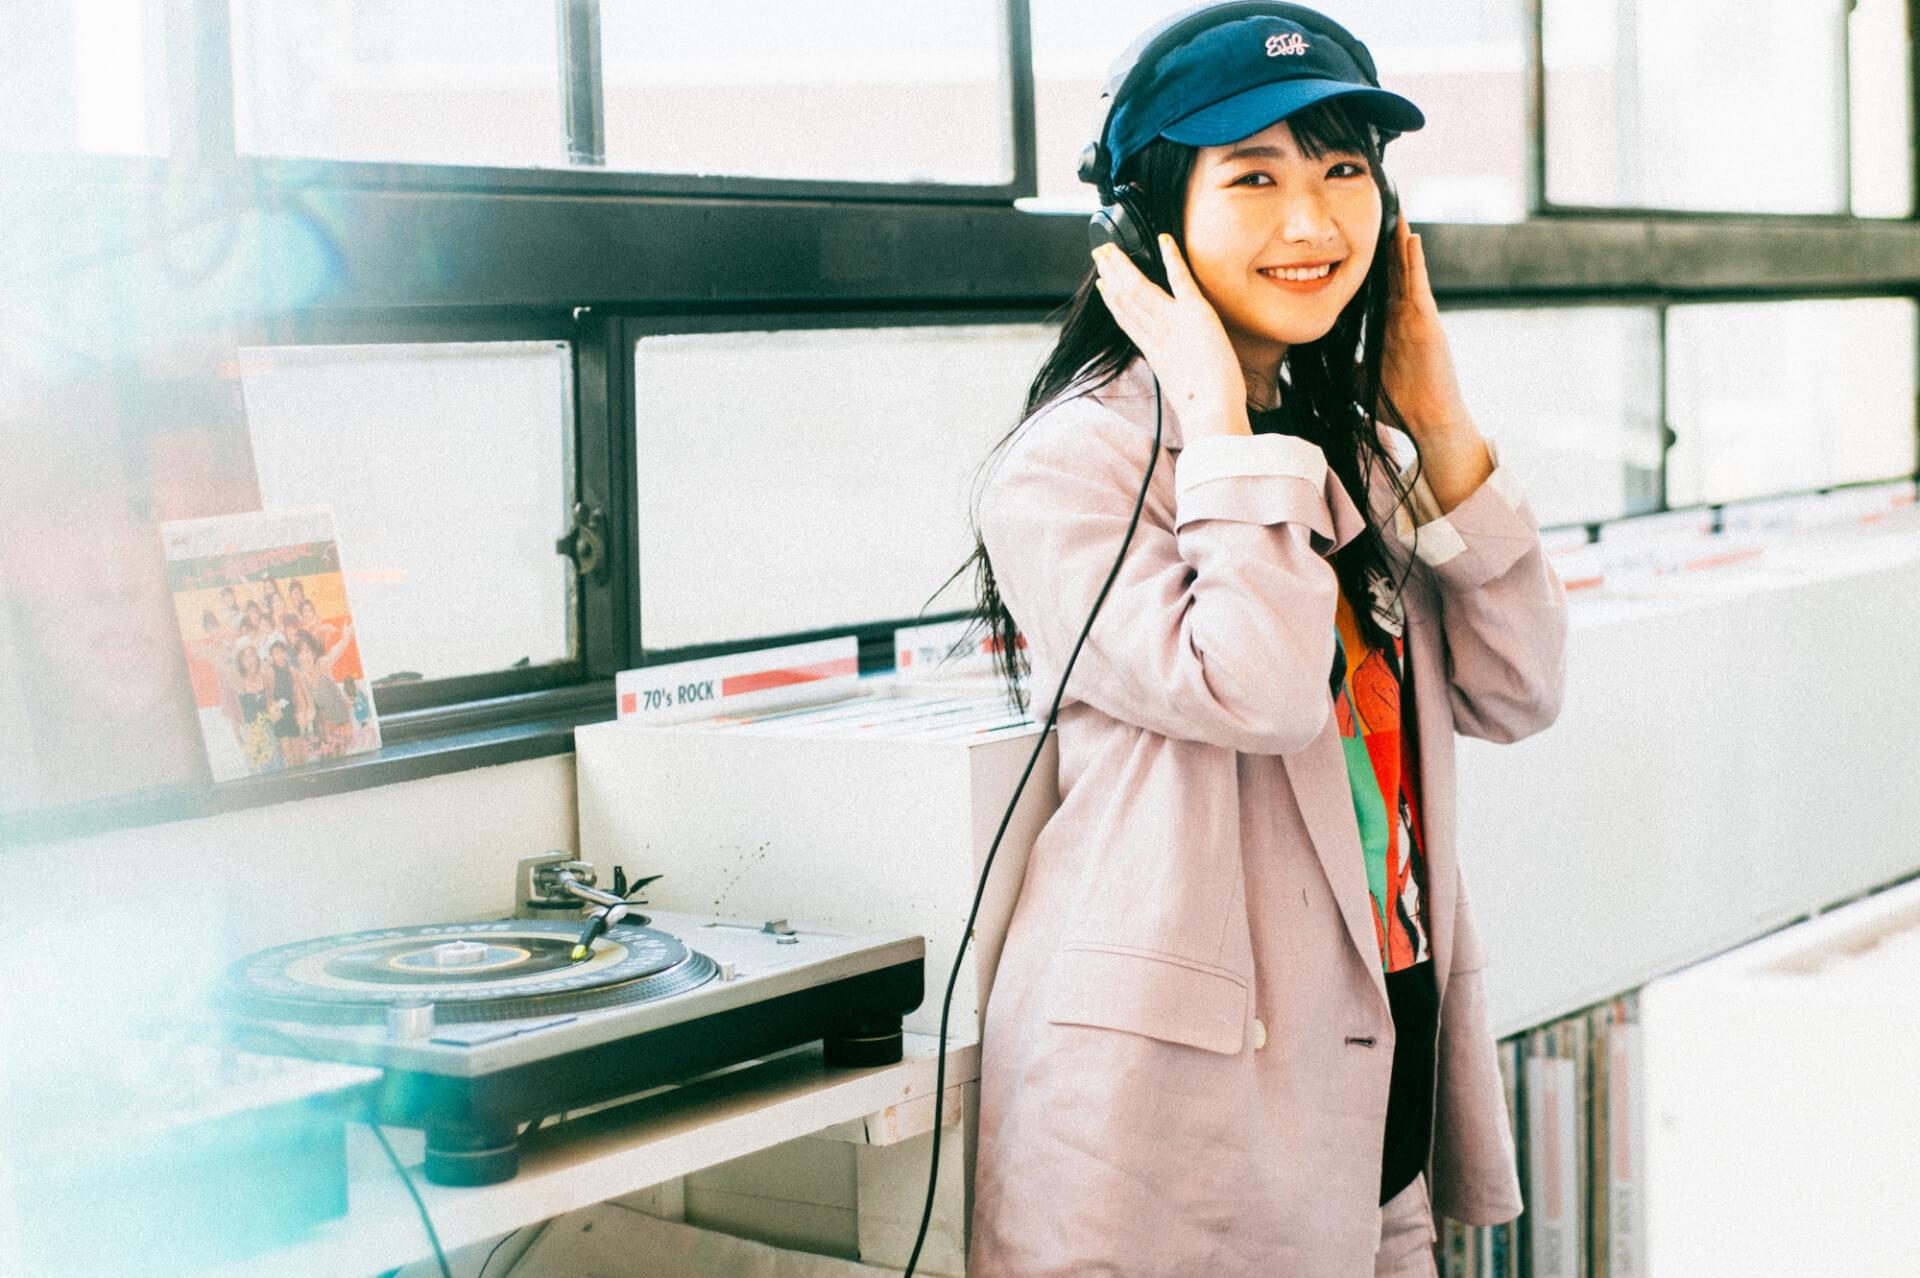 コウキシン女子の初体験 vol.19 石田千穂(STU48):広島のカルチャースポット column210222_chihoishida_24